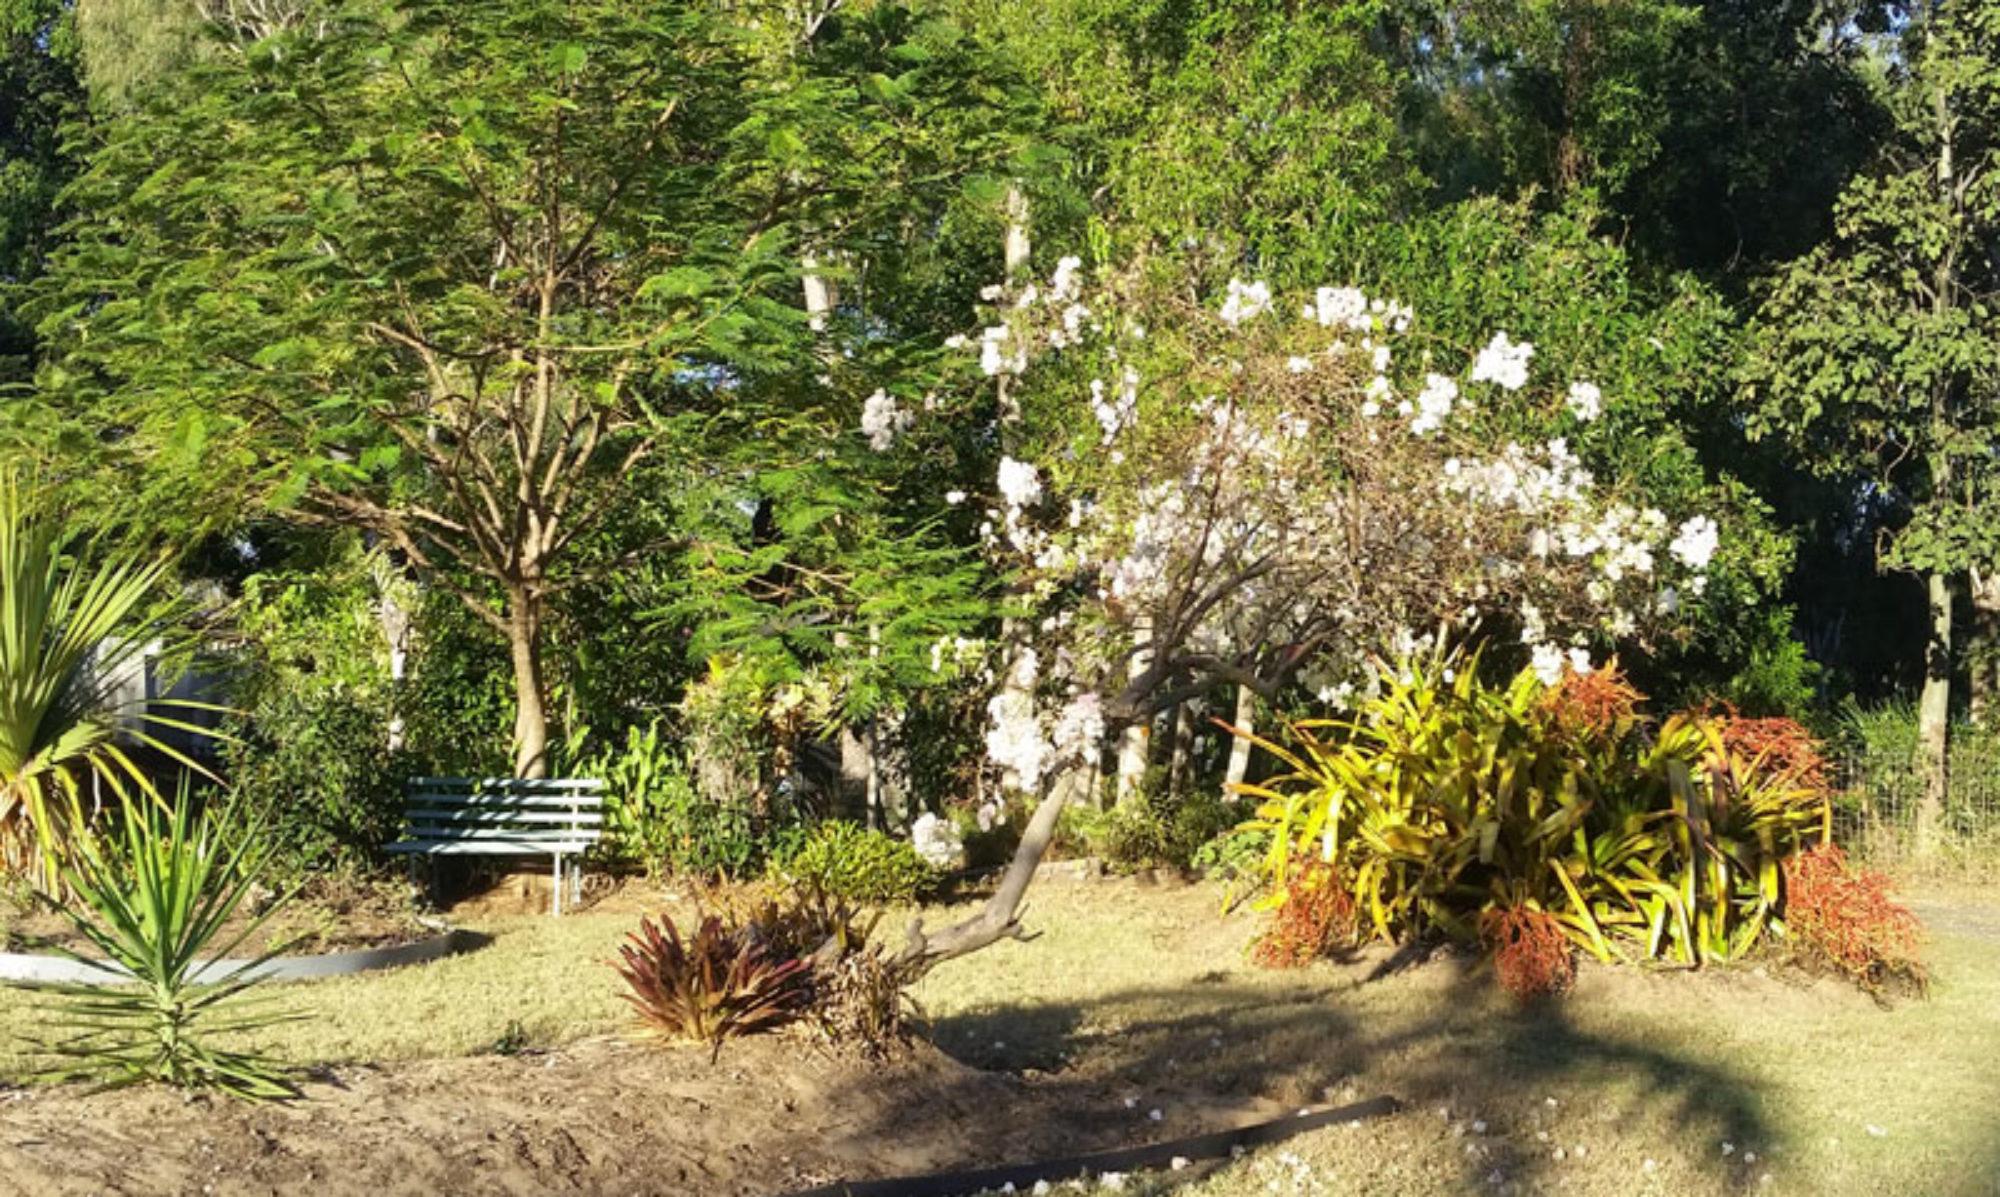 Moretons Horticulture